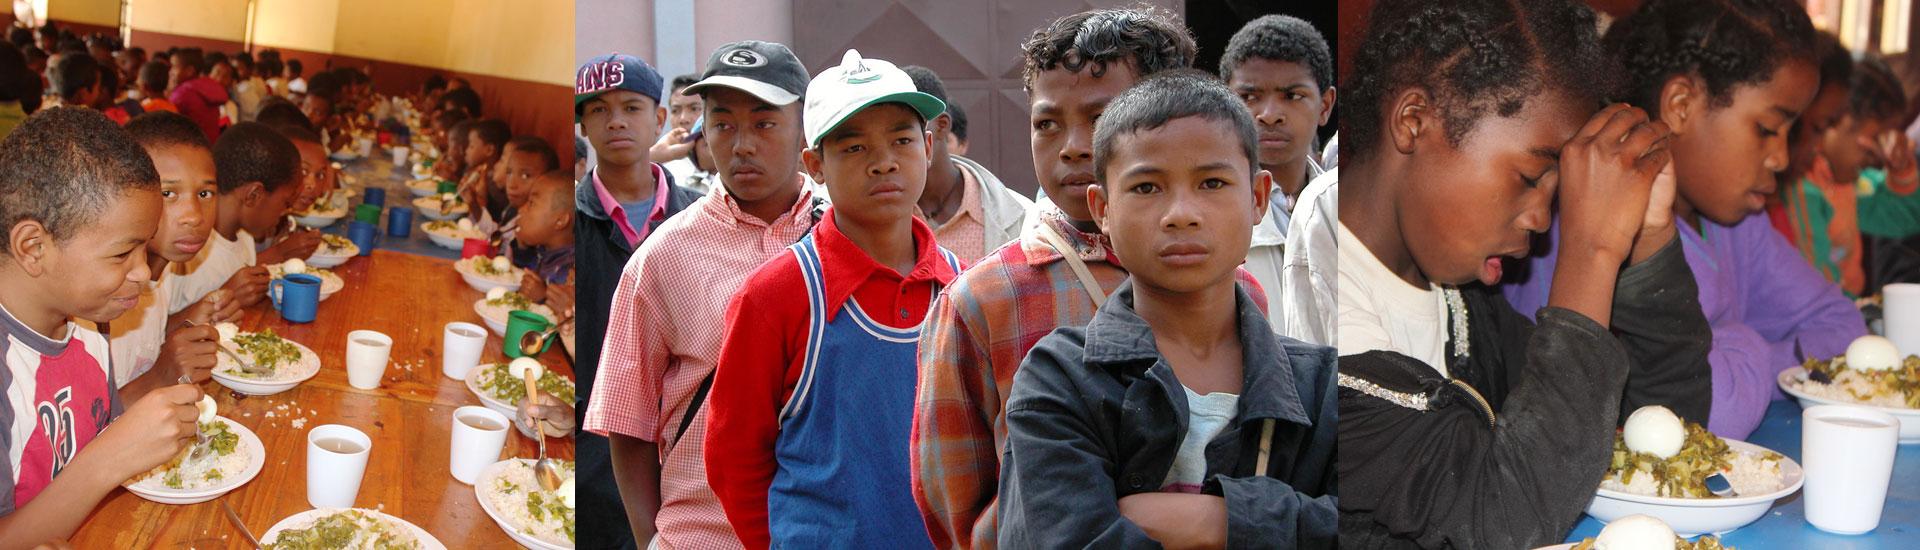 Alegría, comida y esperanza para los niños y jóvenes privados de libertad en Madagascar